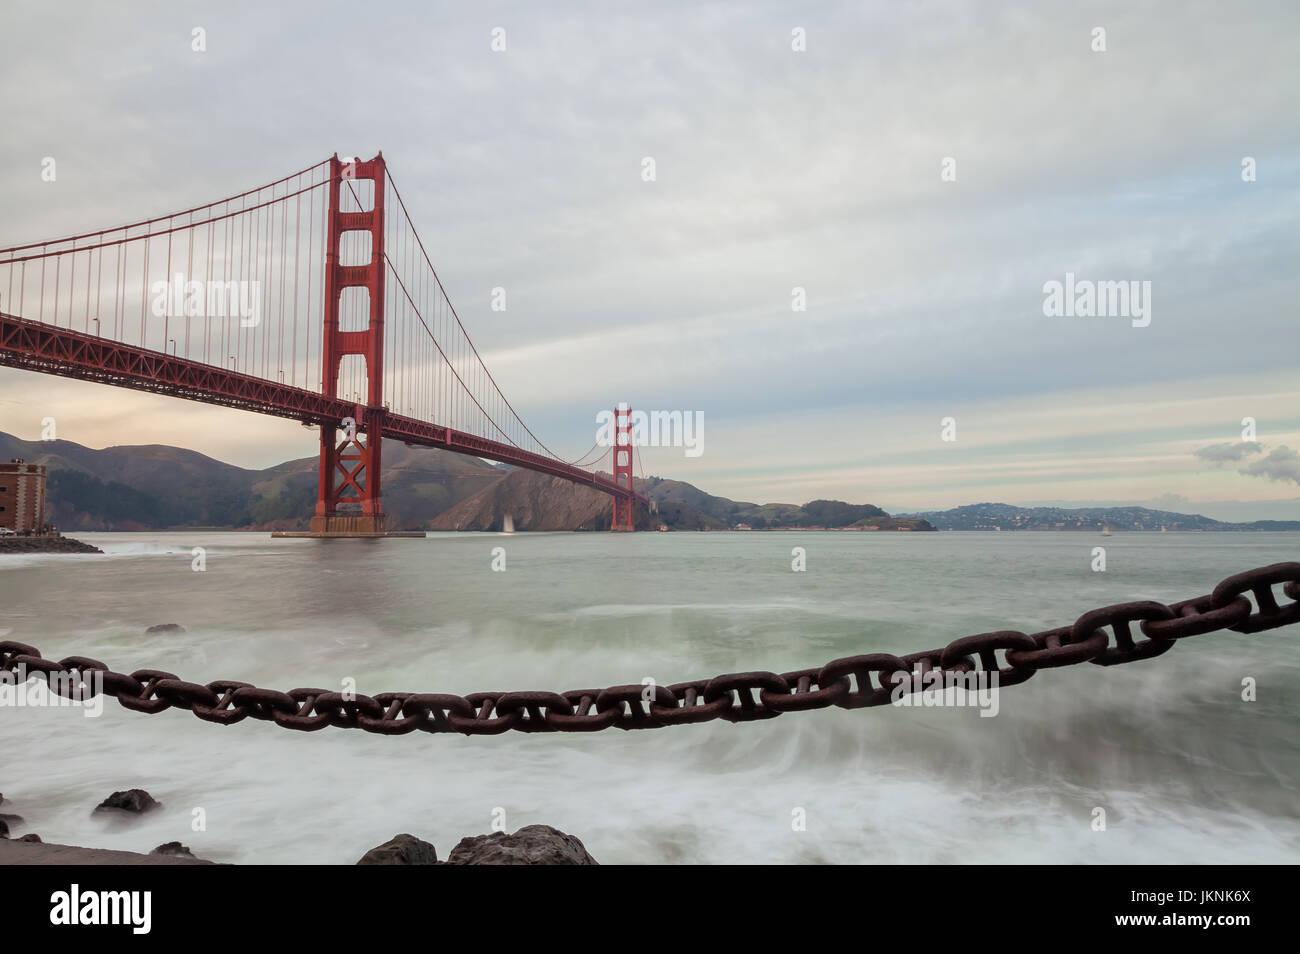 Die berühmte Golden Gate Bridge in San Francisco, USA, bei Sonnenuntergang Stockbild